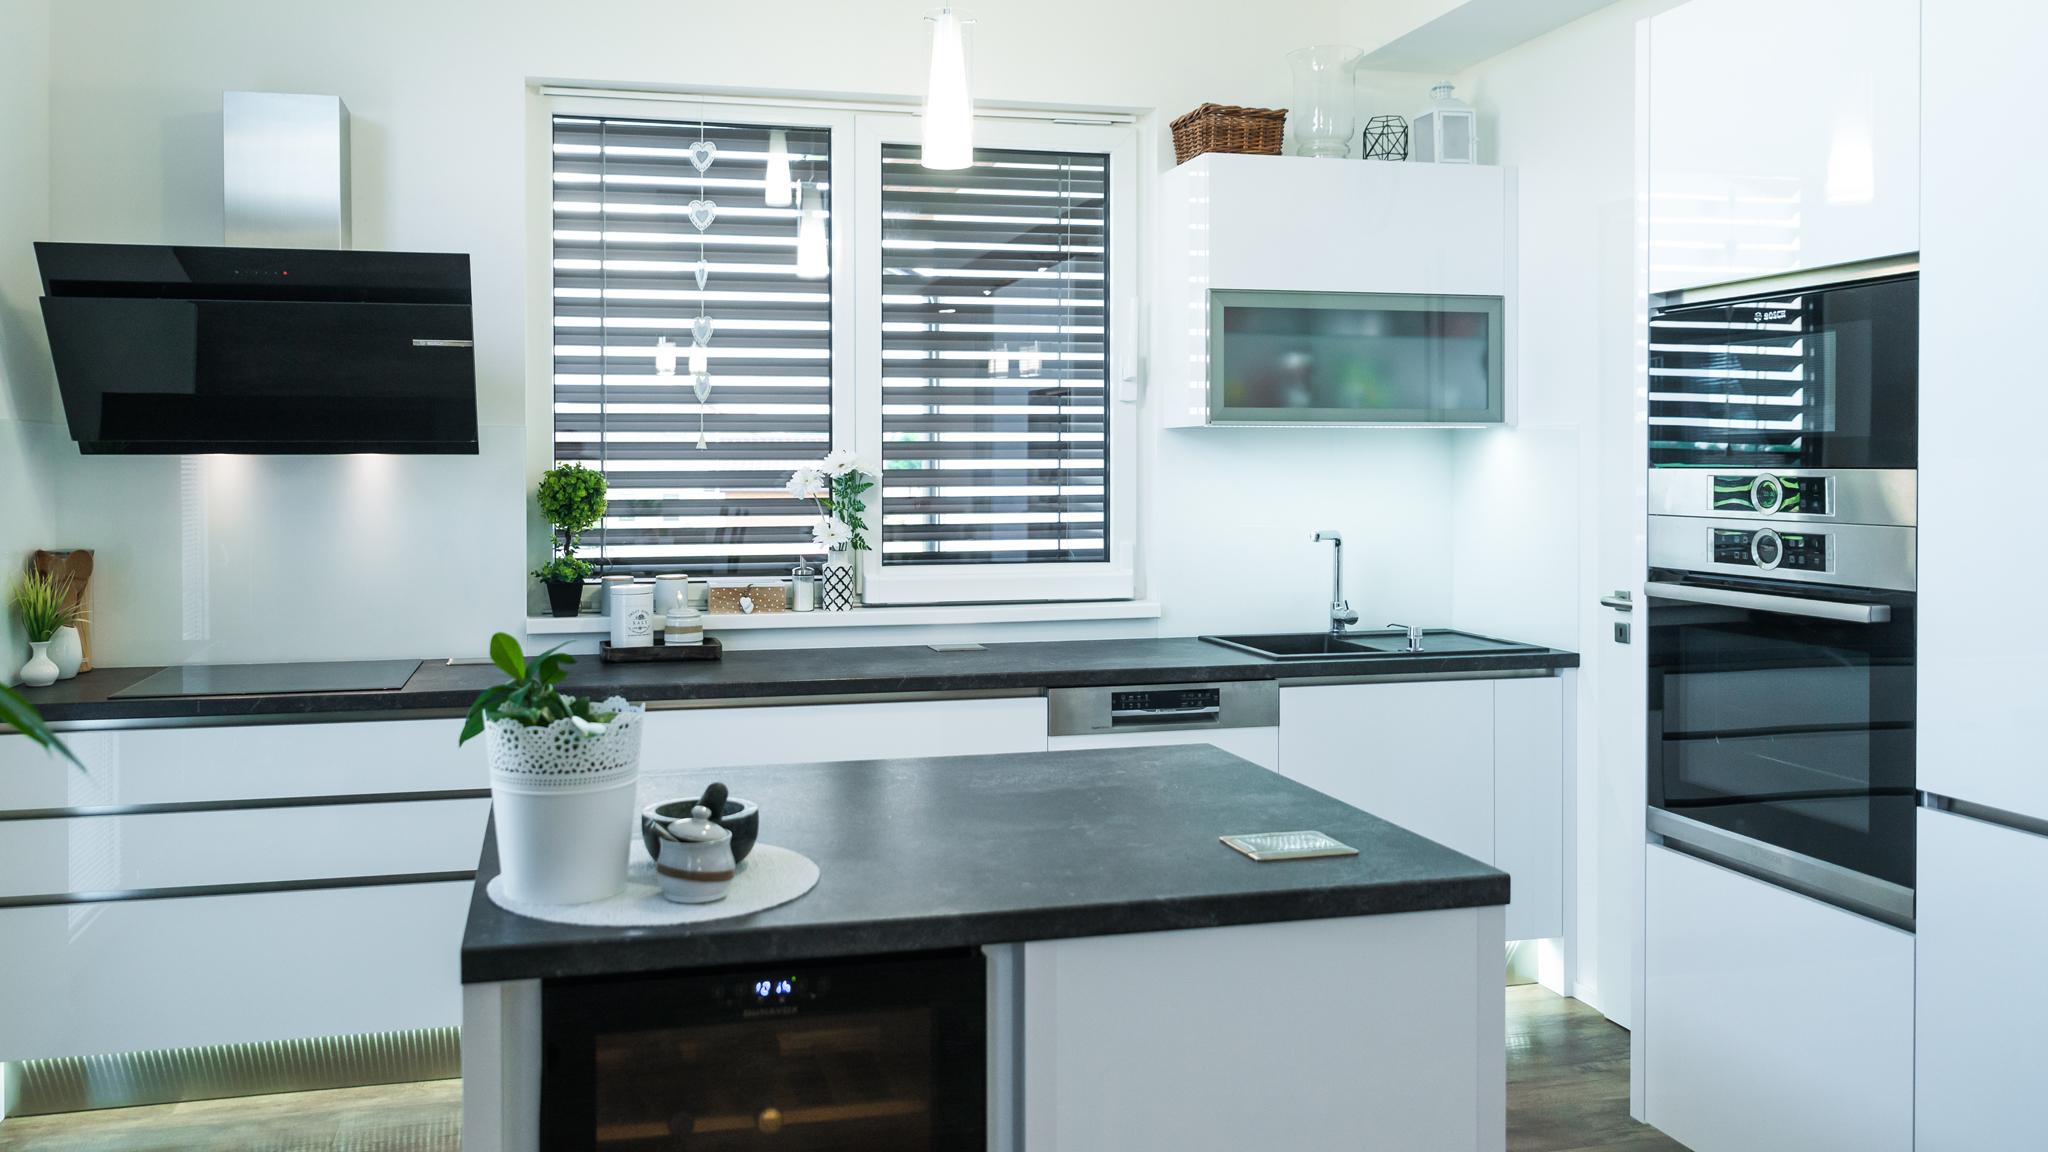 Kuchyňské linky - fotogalerie